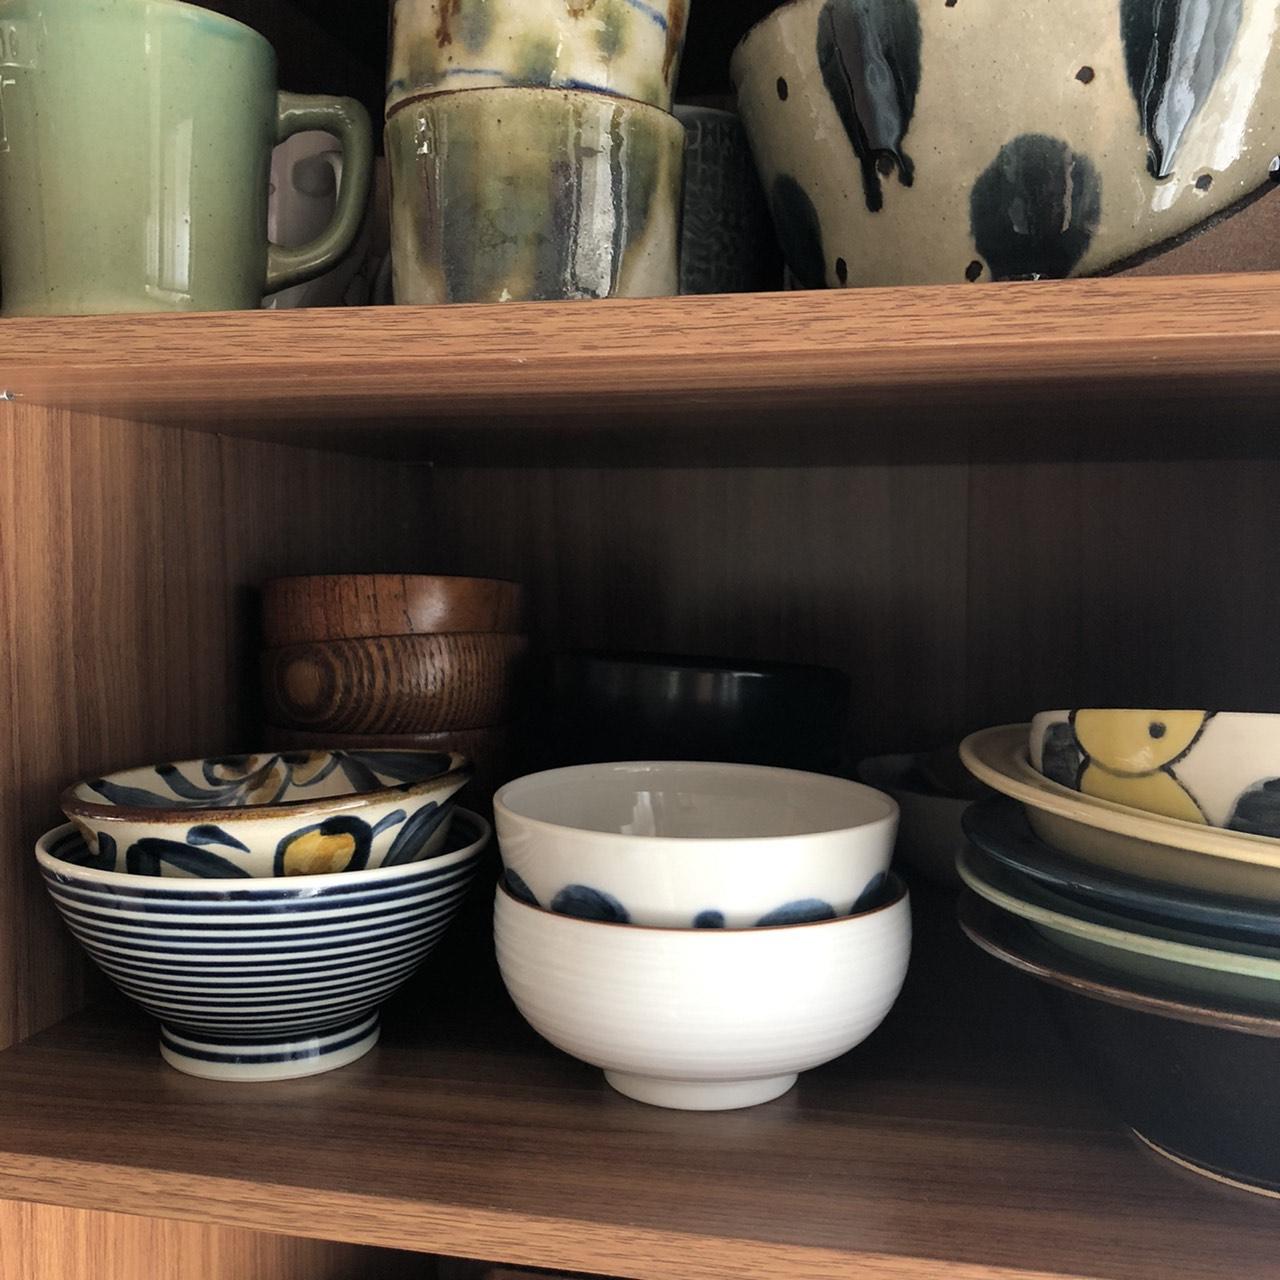 家族分の飯碗を重ねて収納